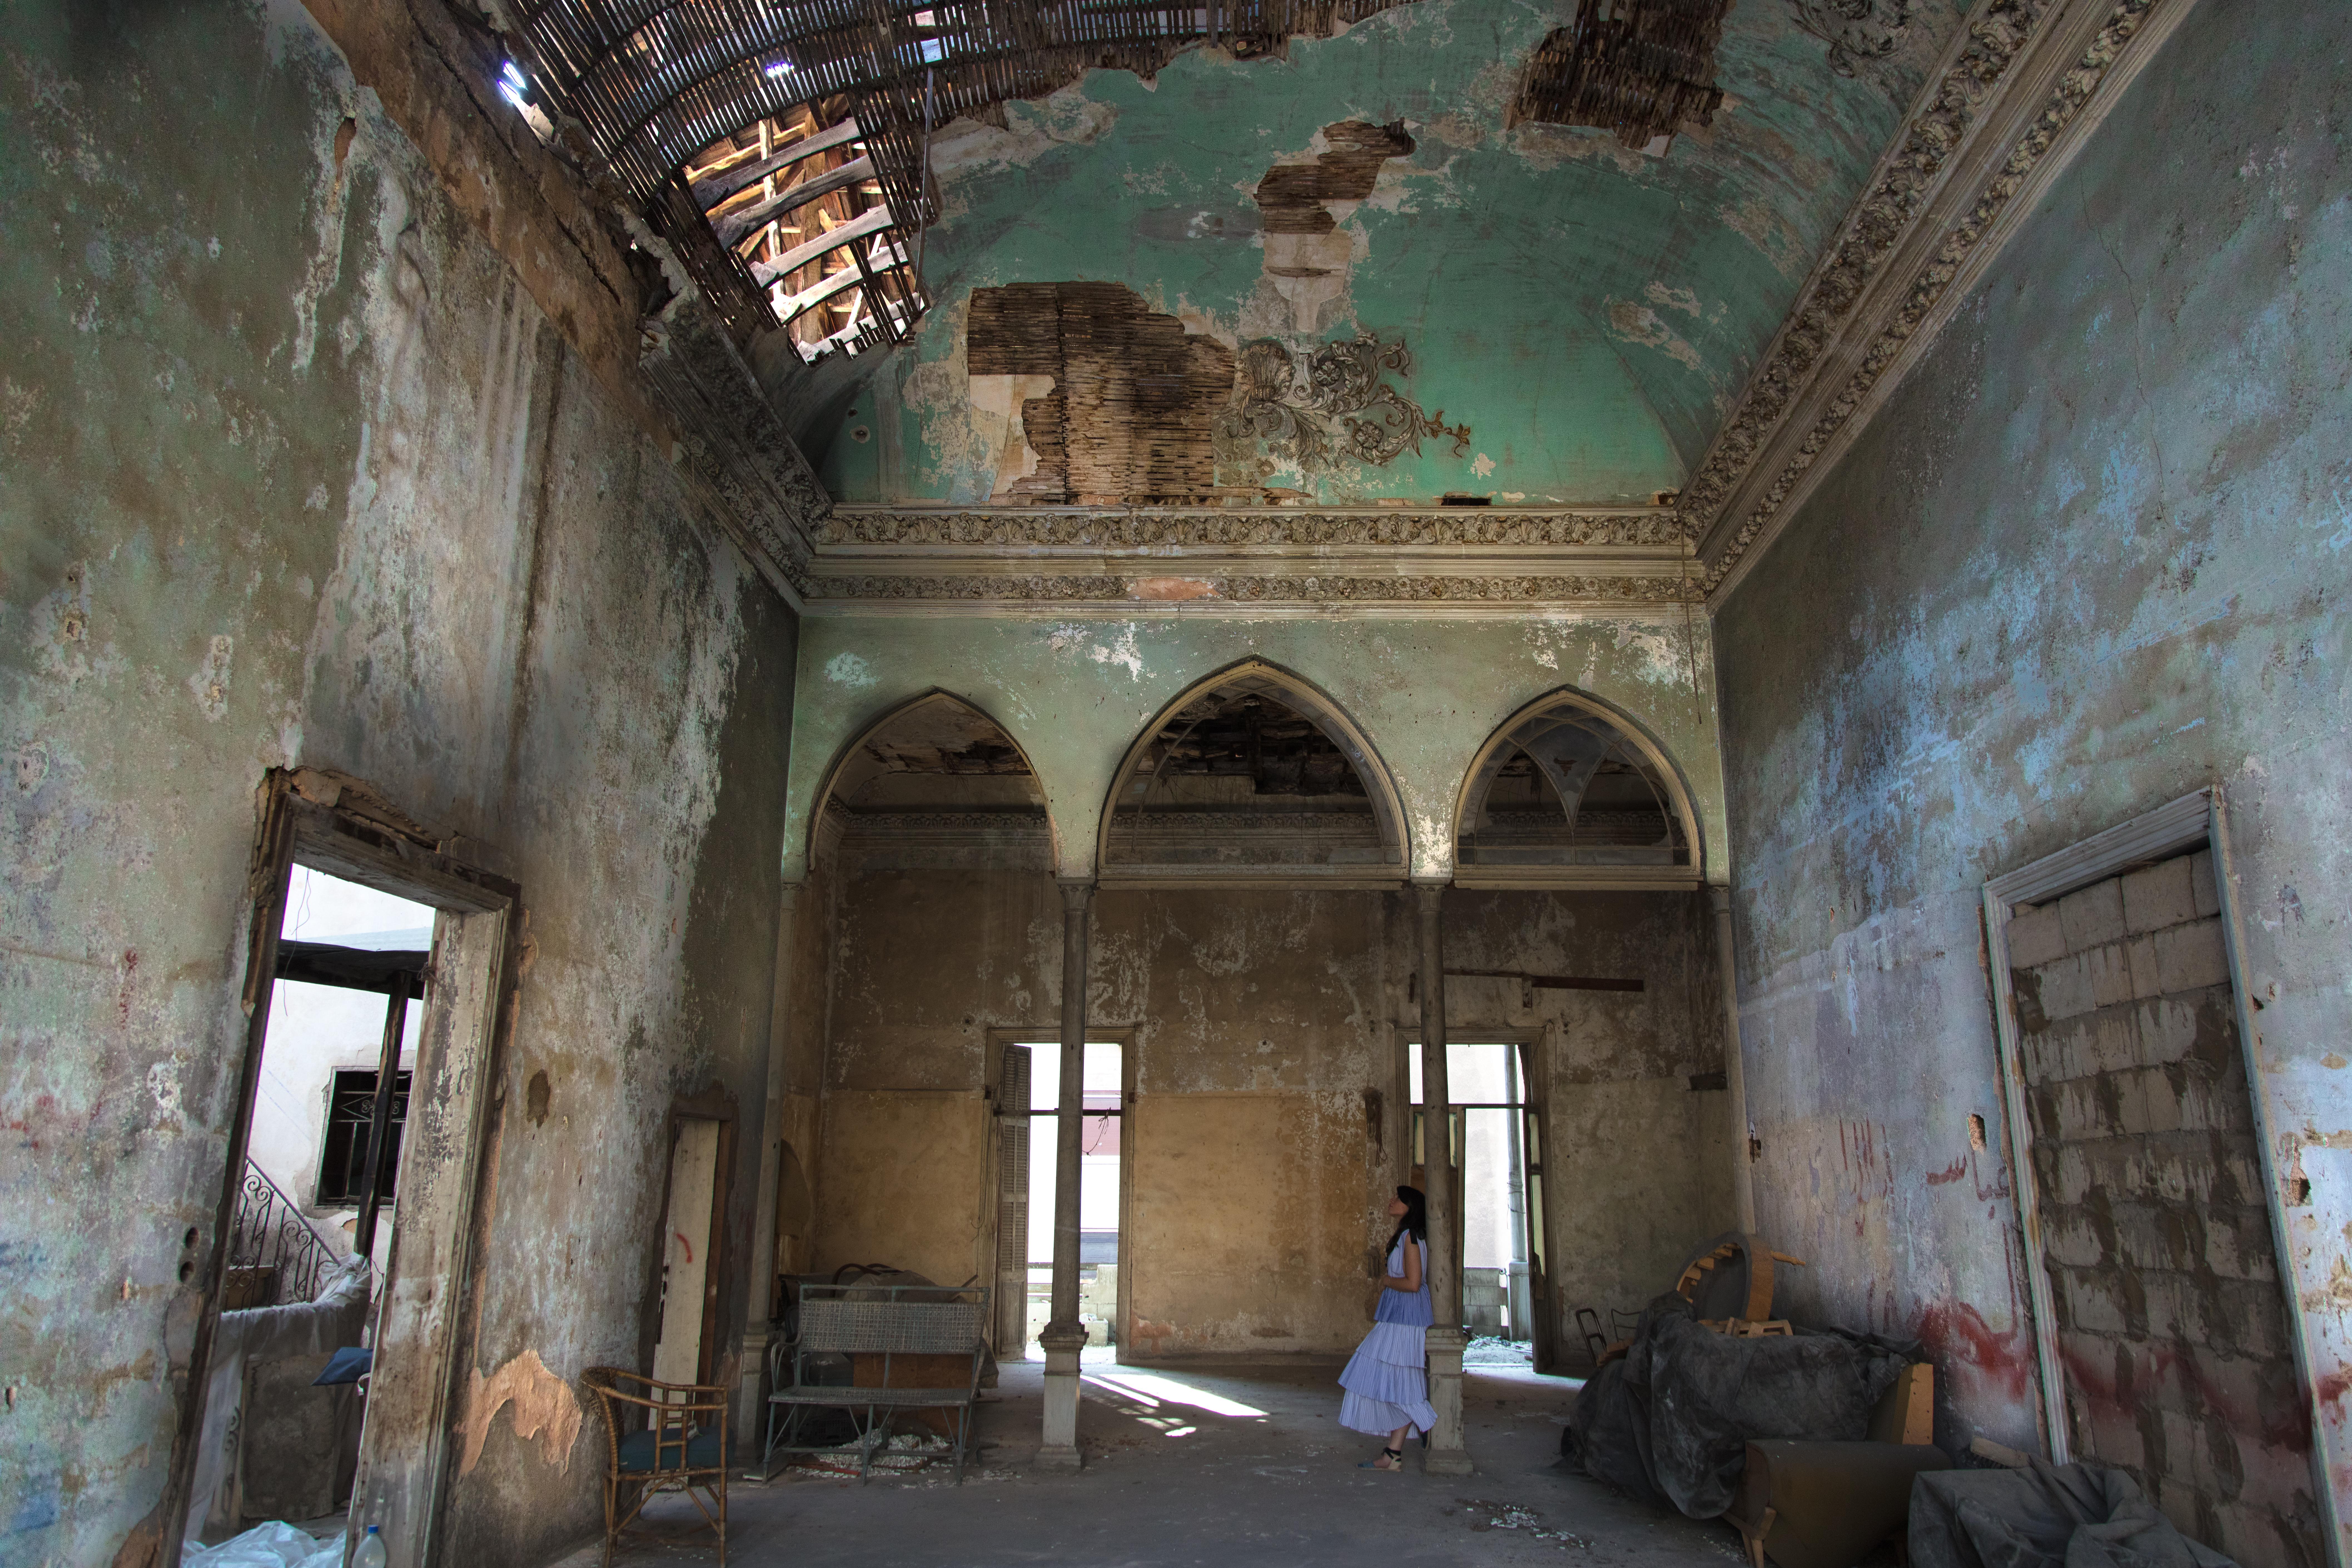 Bechara el-Khoury Abandoned Palace in Zokak el-Blat – Social